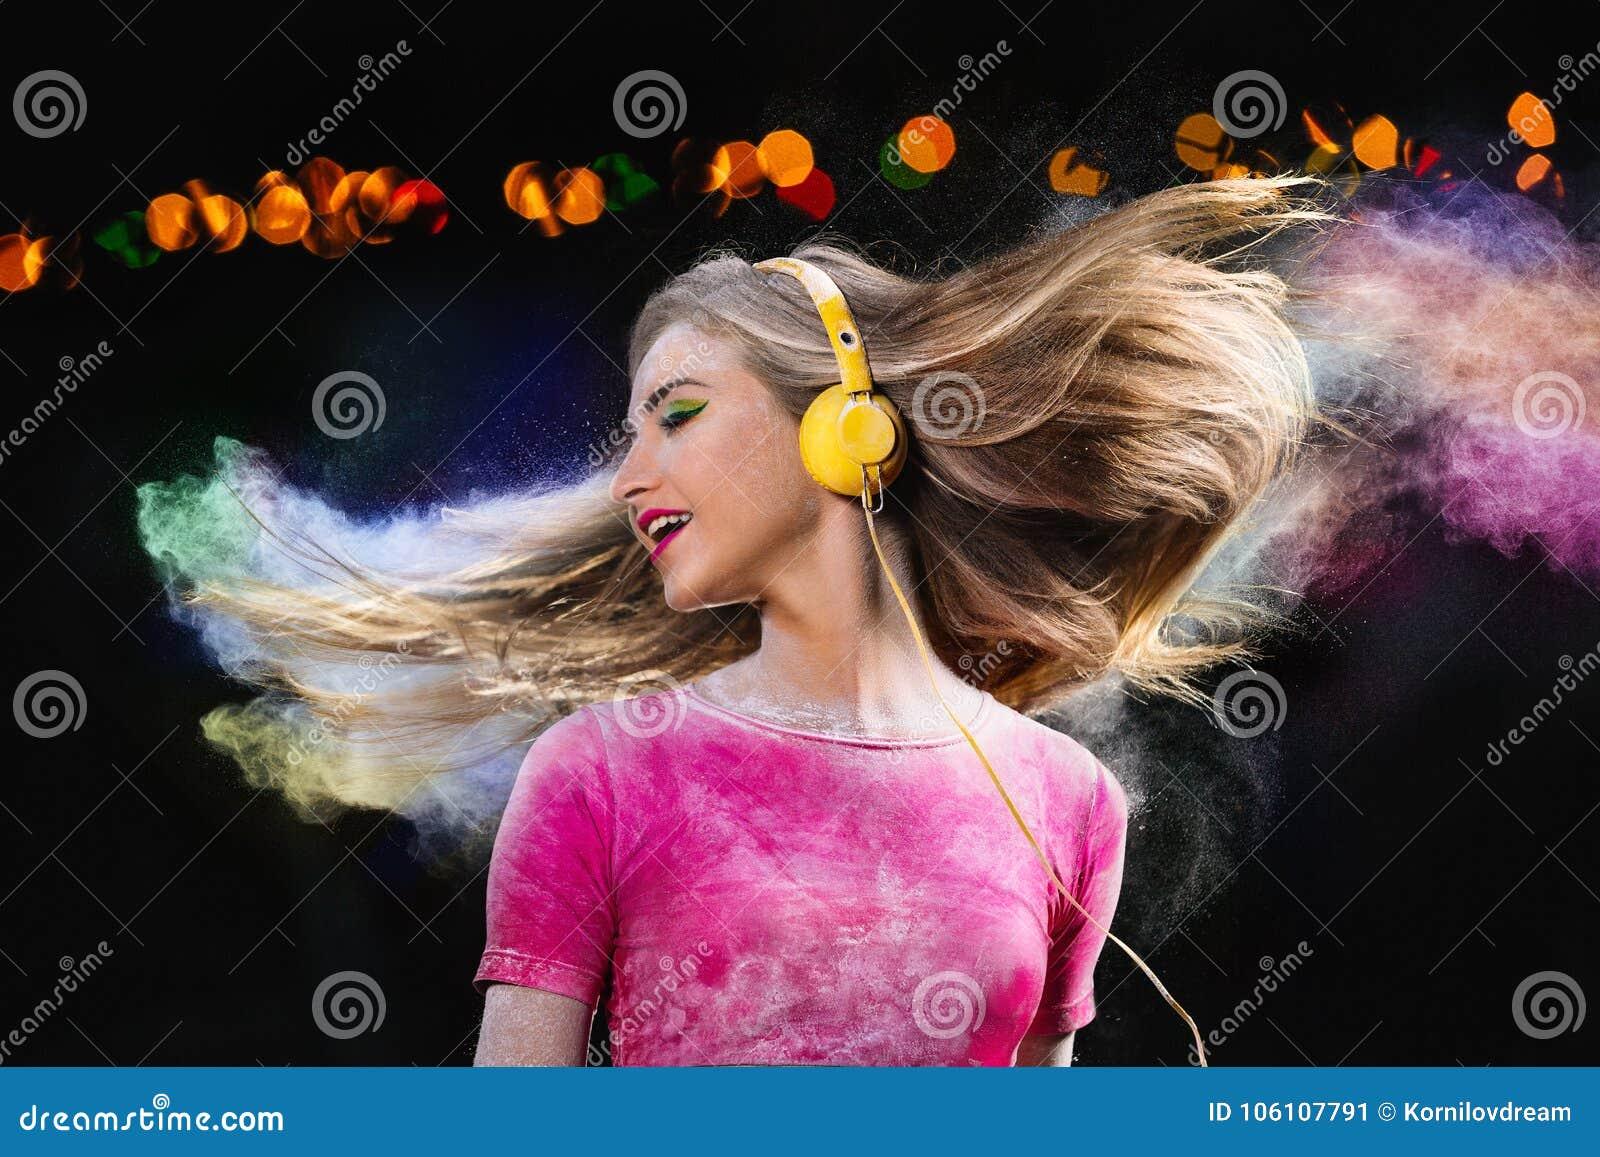 Musik in den Kopfhörern